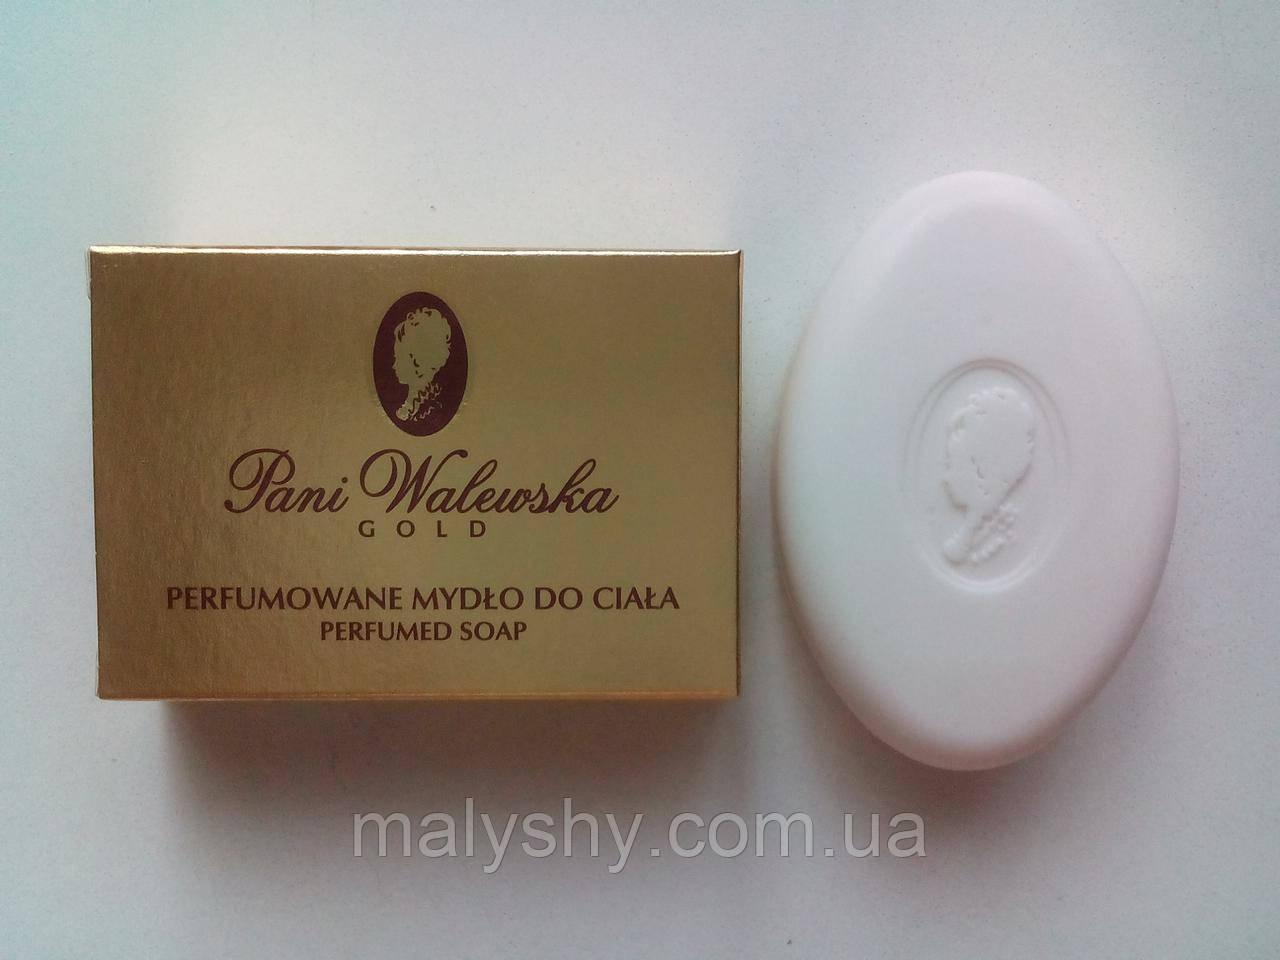 Парфюмированное мыло Pani Walewska GOLD (Пани Валевска Голд) 100г, Польша